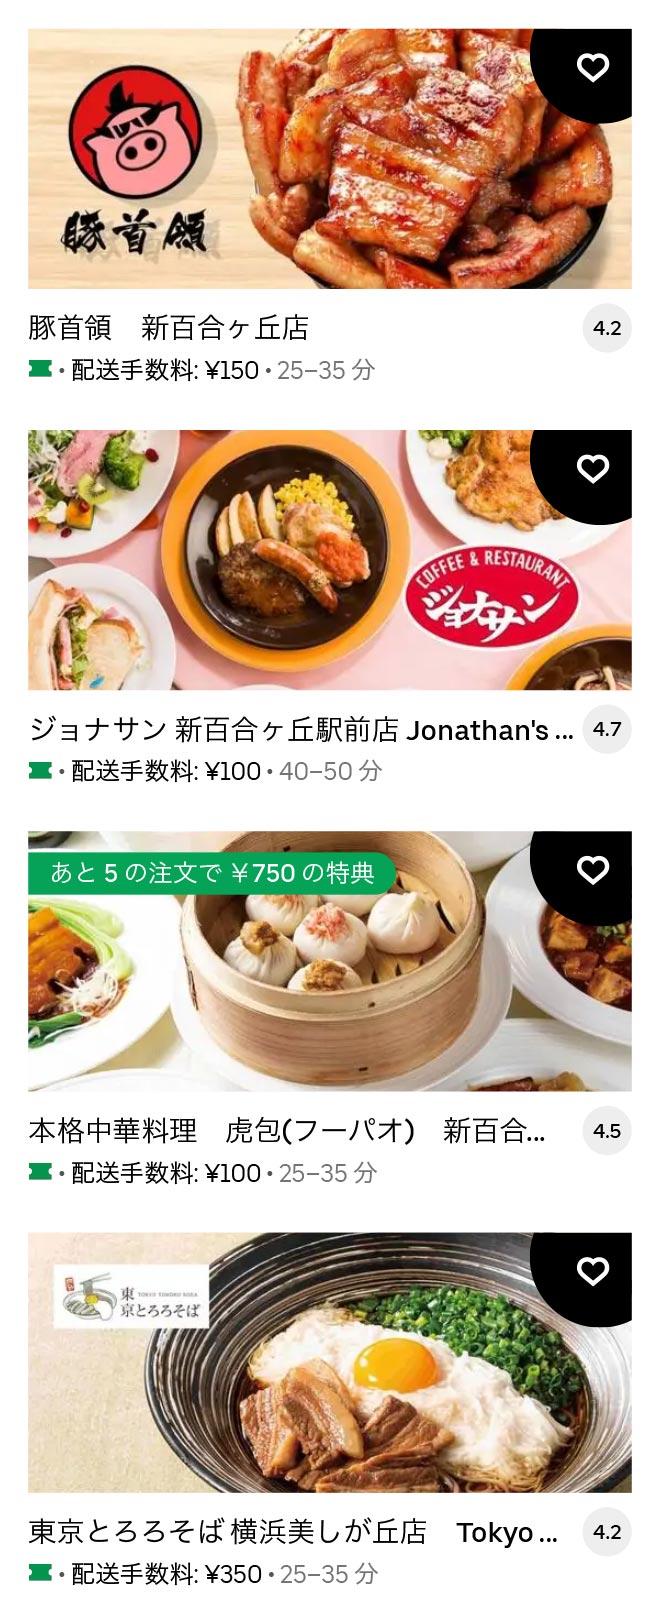 1 u shin yurigaoka 2105 09